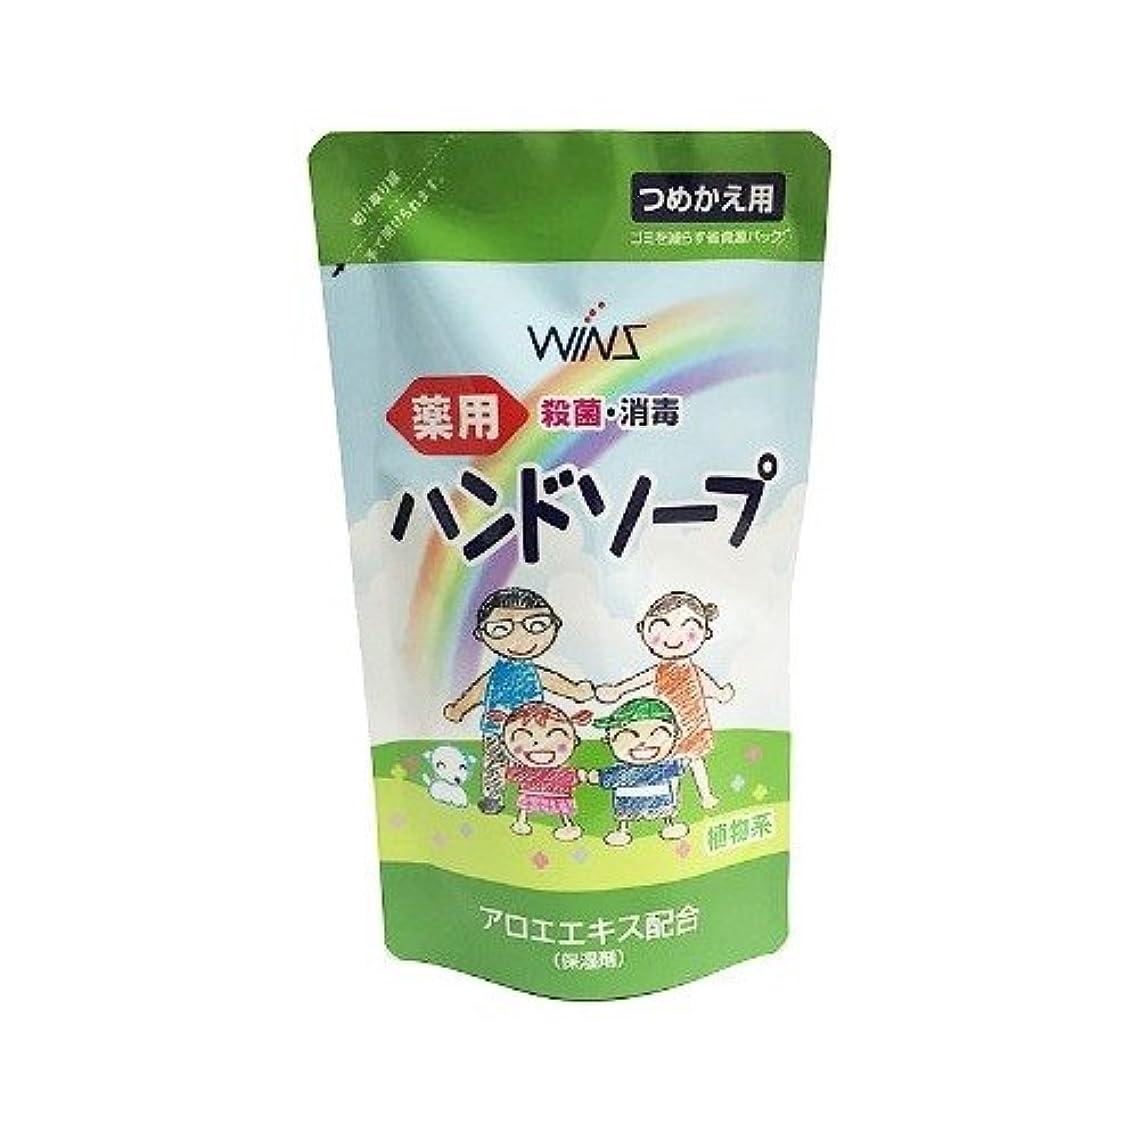 ウインズ 薬用ハンドソープ 詰替 200mL 日本合成洗剤